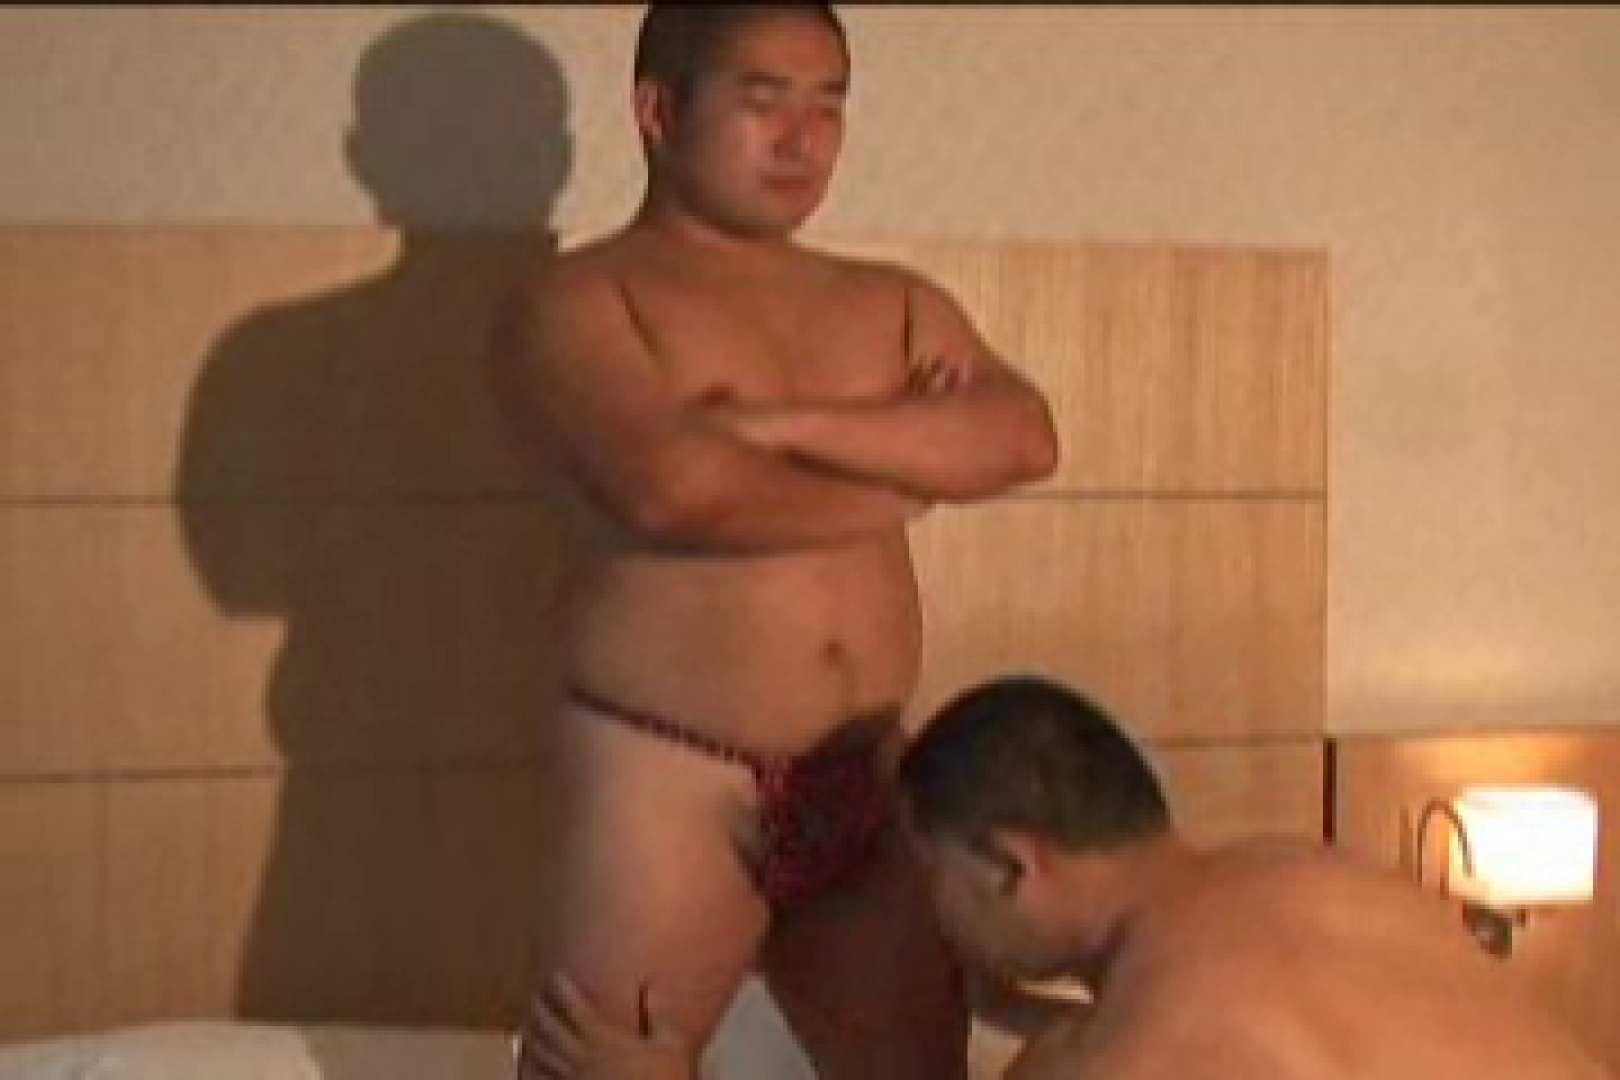 悶絶!!ケツマンFighters!! Part.02 マッチョマン ゲイ無料エロ画像 95pic 35